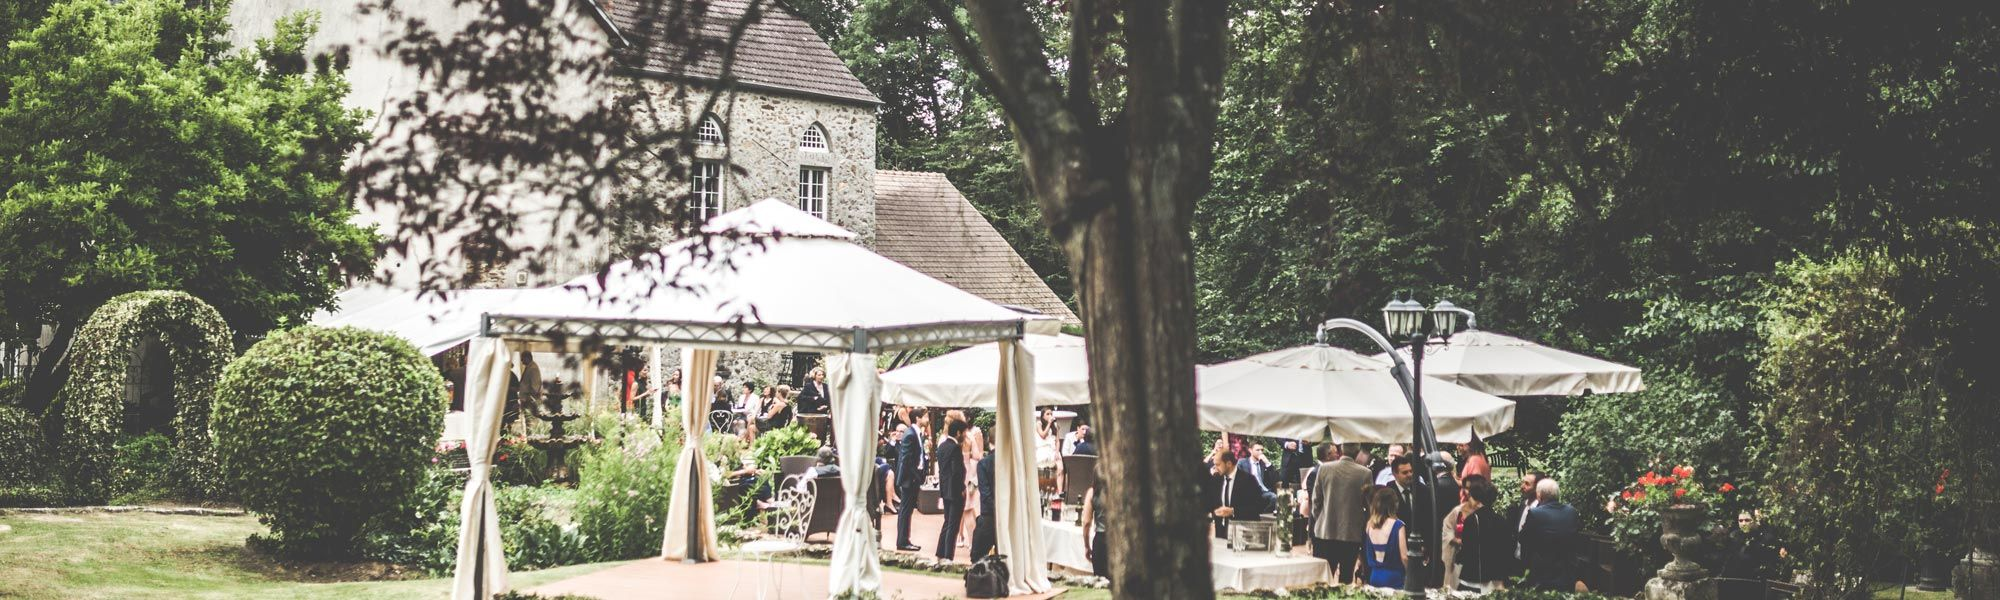 Salle de mariage à Marne la Vallée